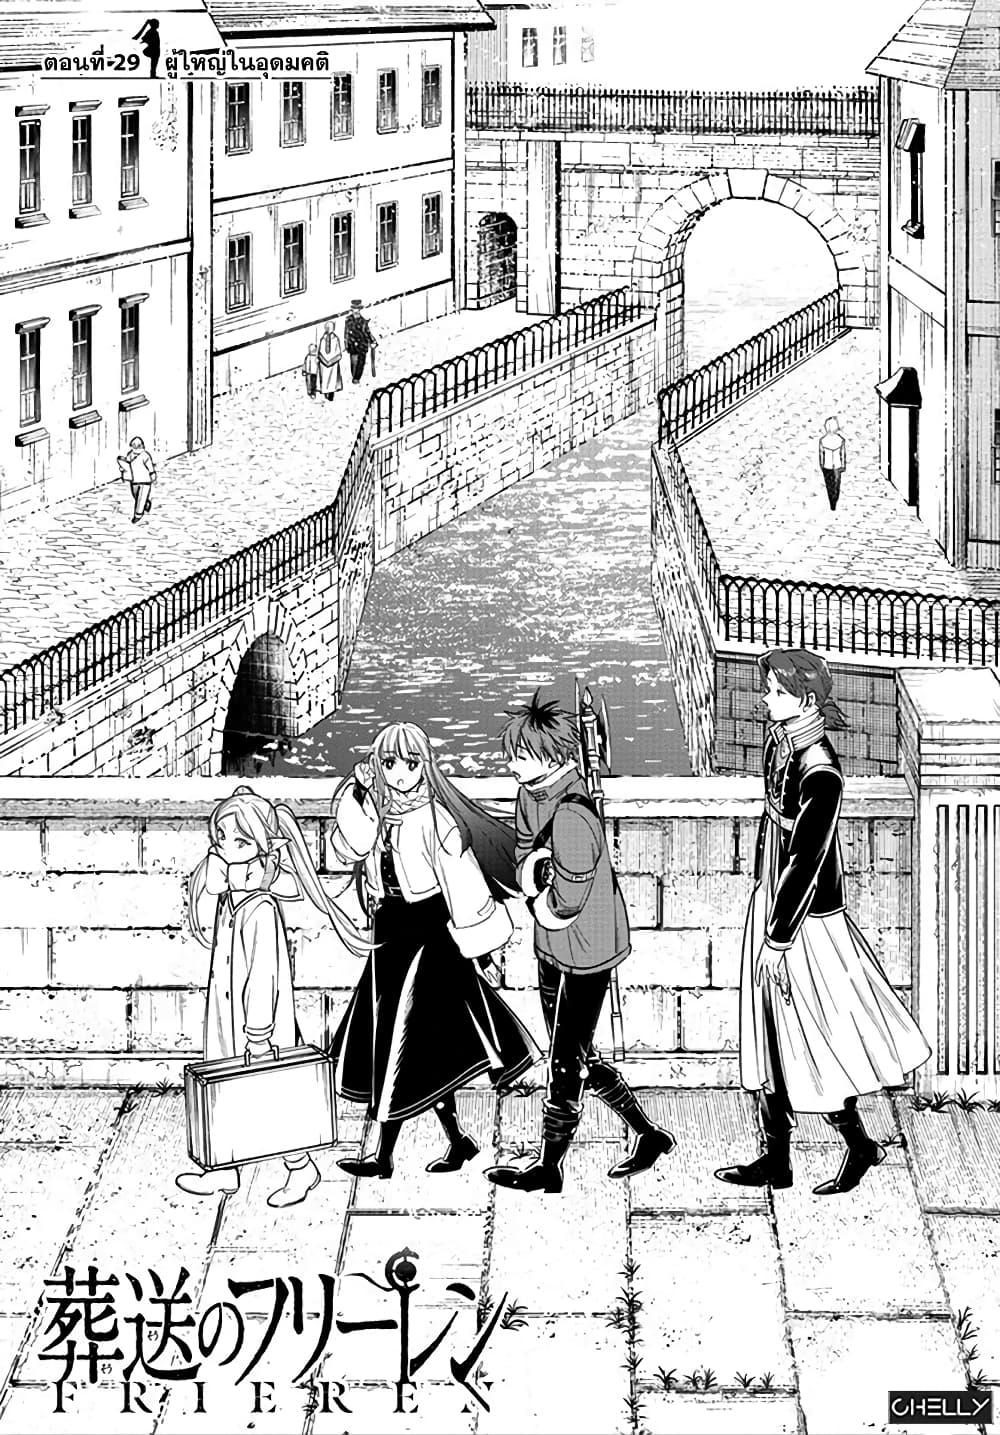 อ่านการ์ตูน Sousou no Frieren ตอนที่ 29 หน้าที่ 1